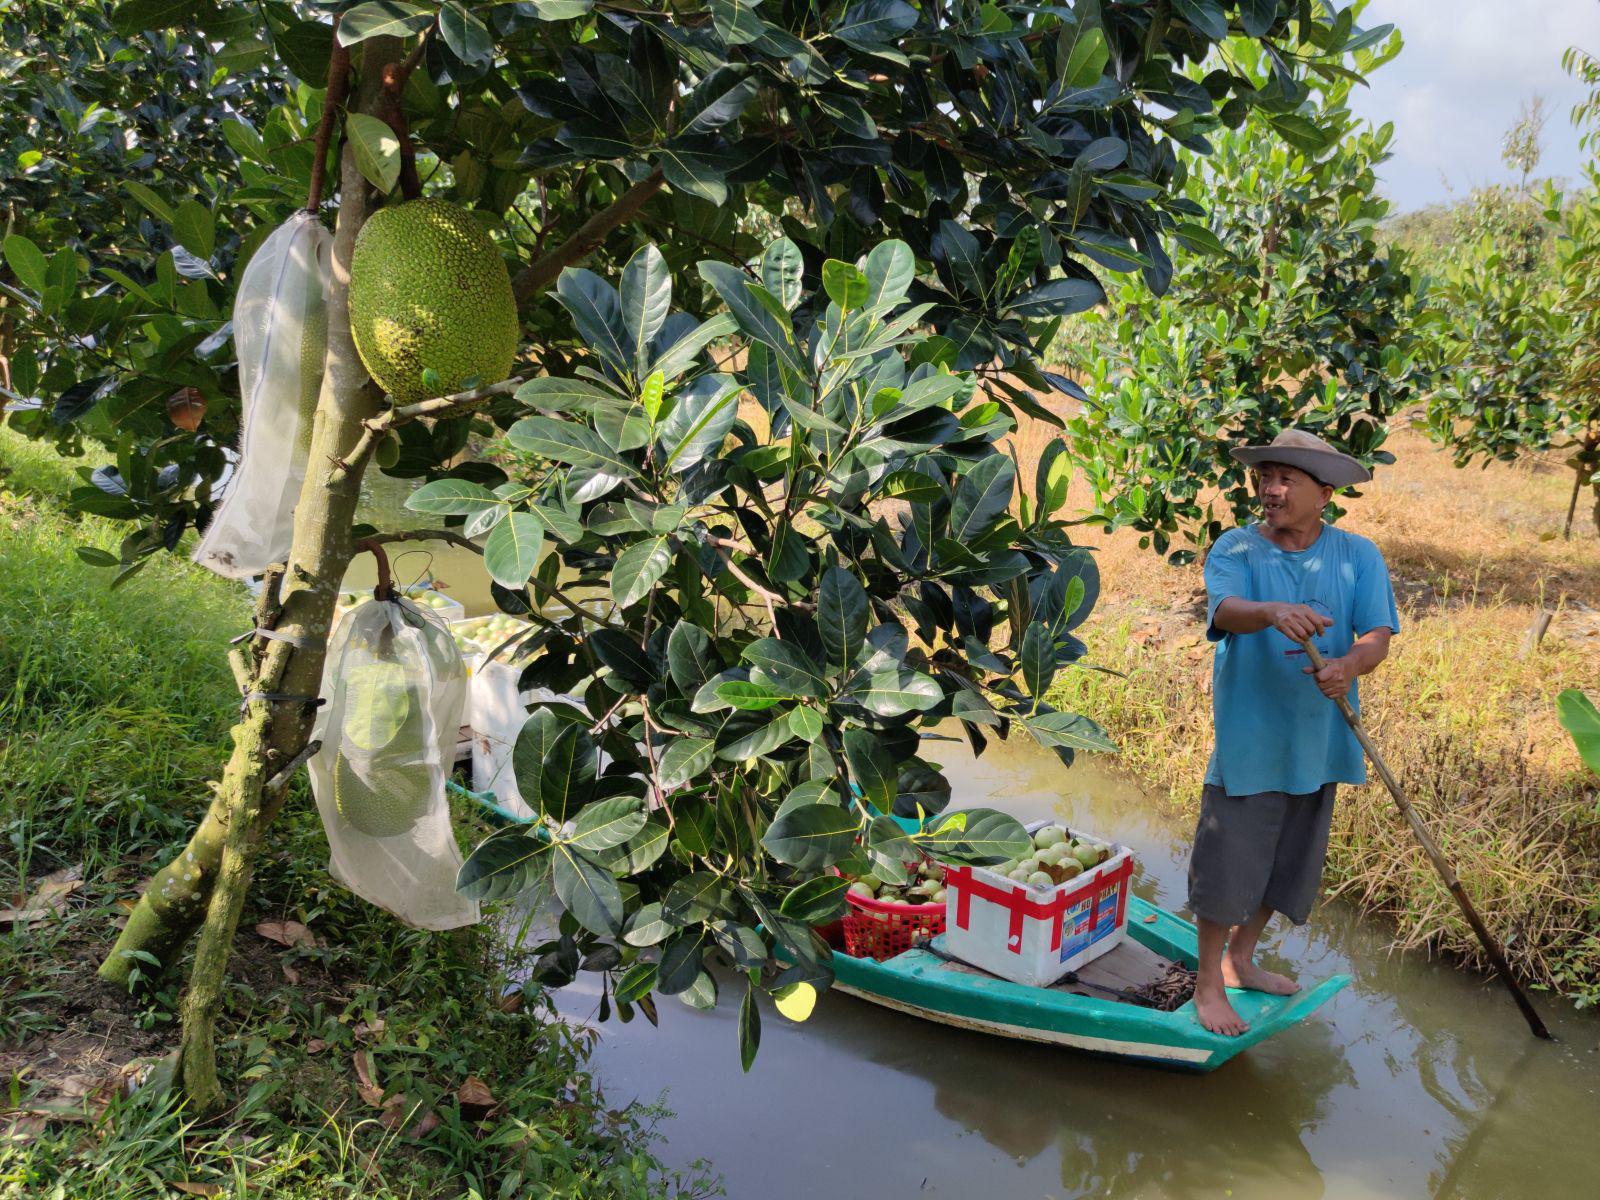 """Giá mít Thái ở ĐBSCL tăng mạnh sau mấy tuần """"cắm đầu đi xuống"""", nông dân bất ngờ, thương lái tiết lộ điều này - Ảnh 1."""